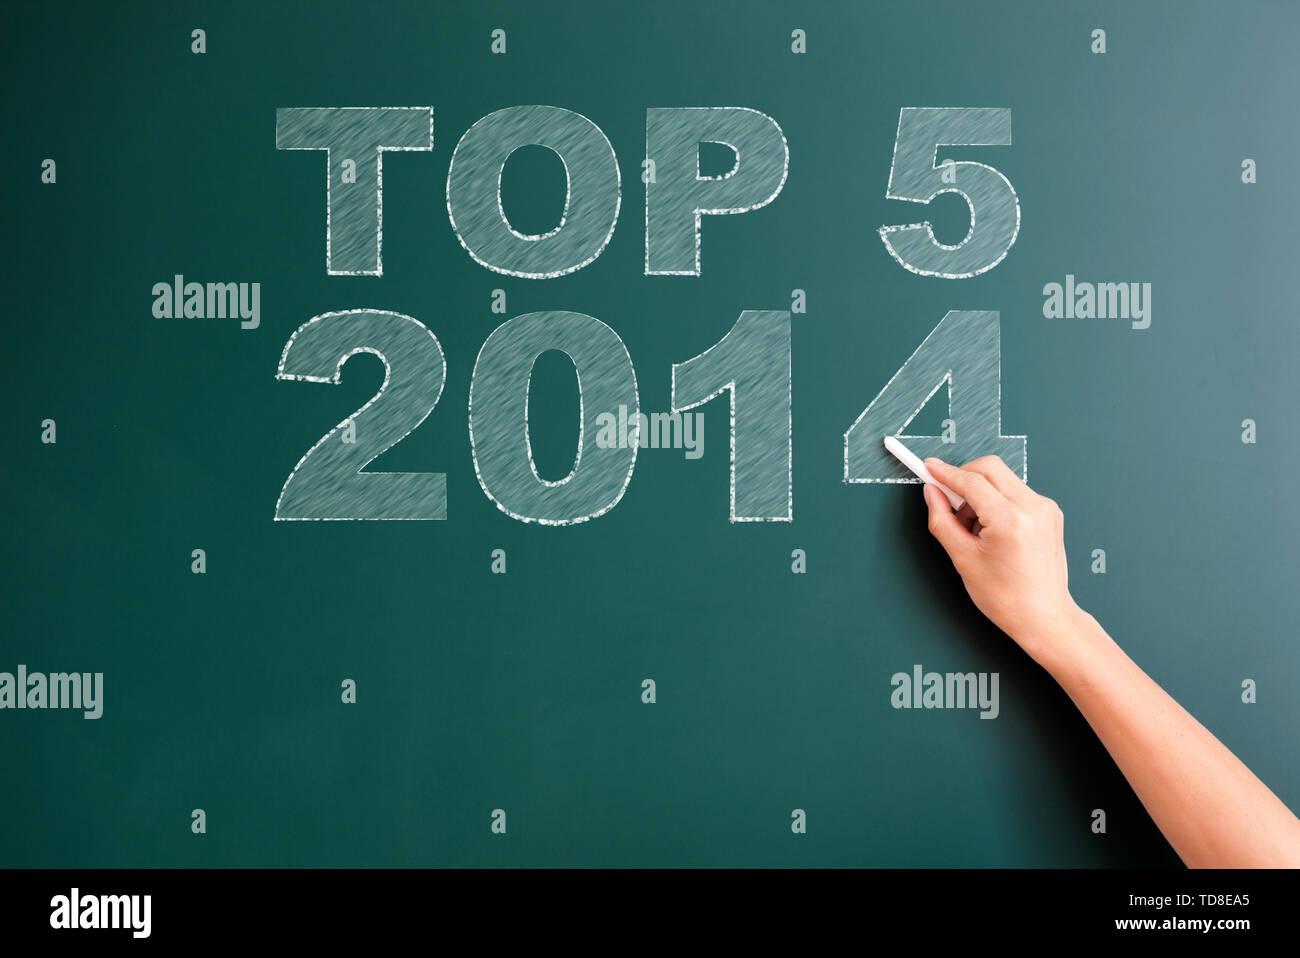 top 5 2014 written on blackboard - Stock Image